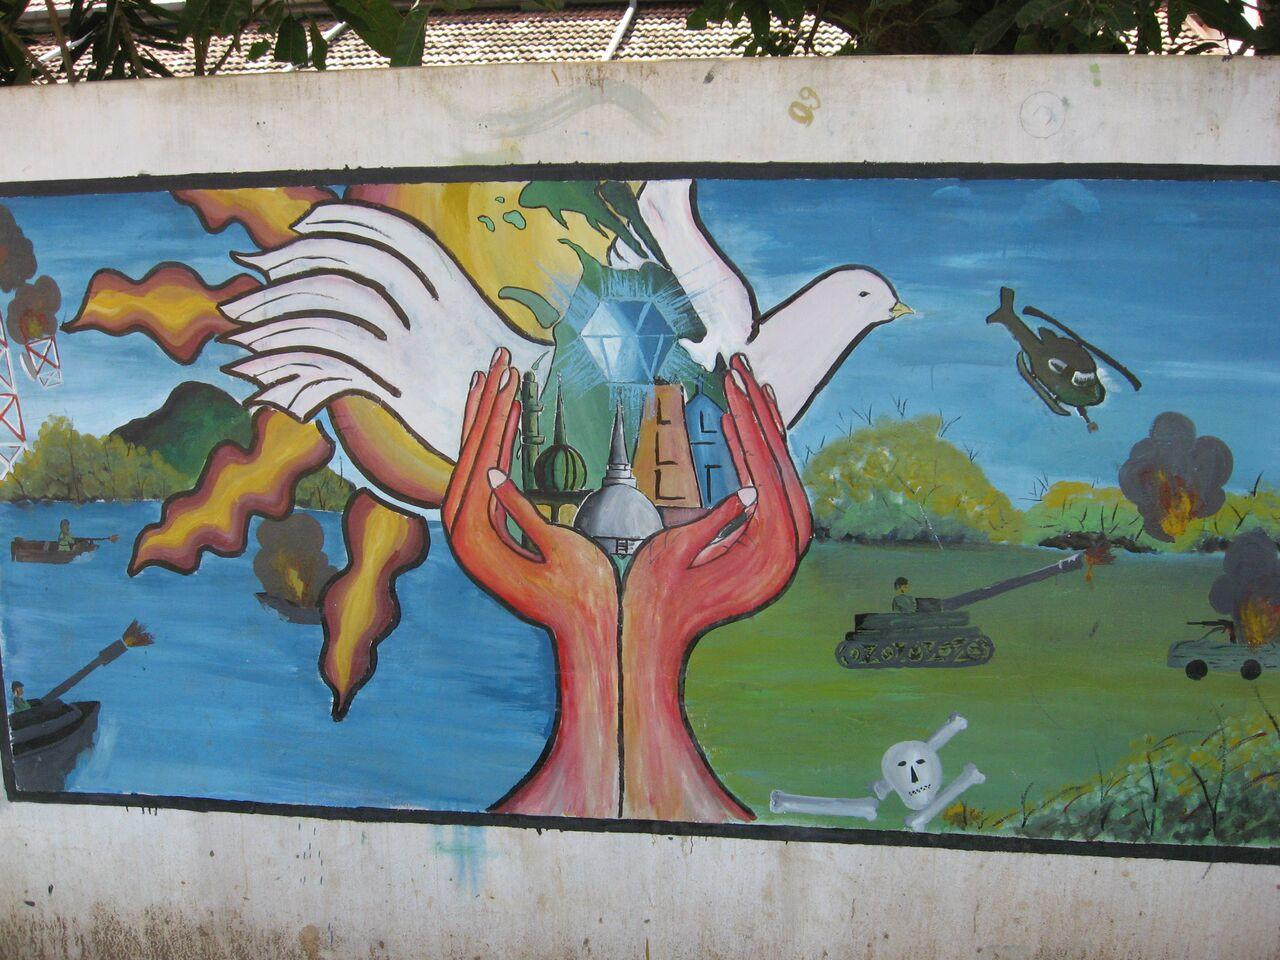 Sri Lanka Mural